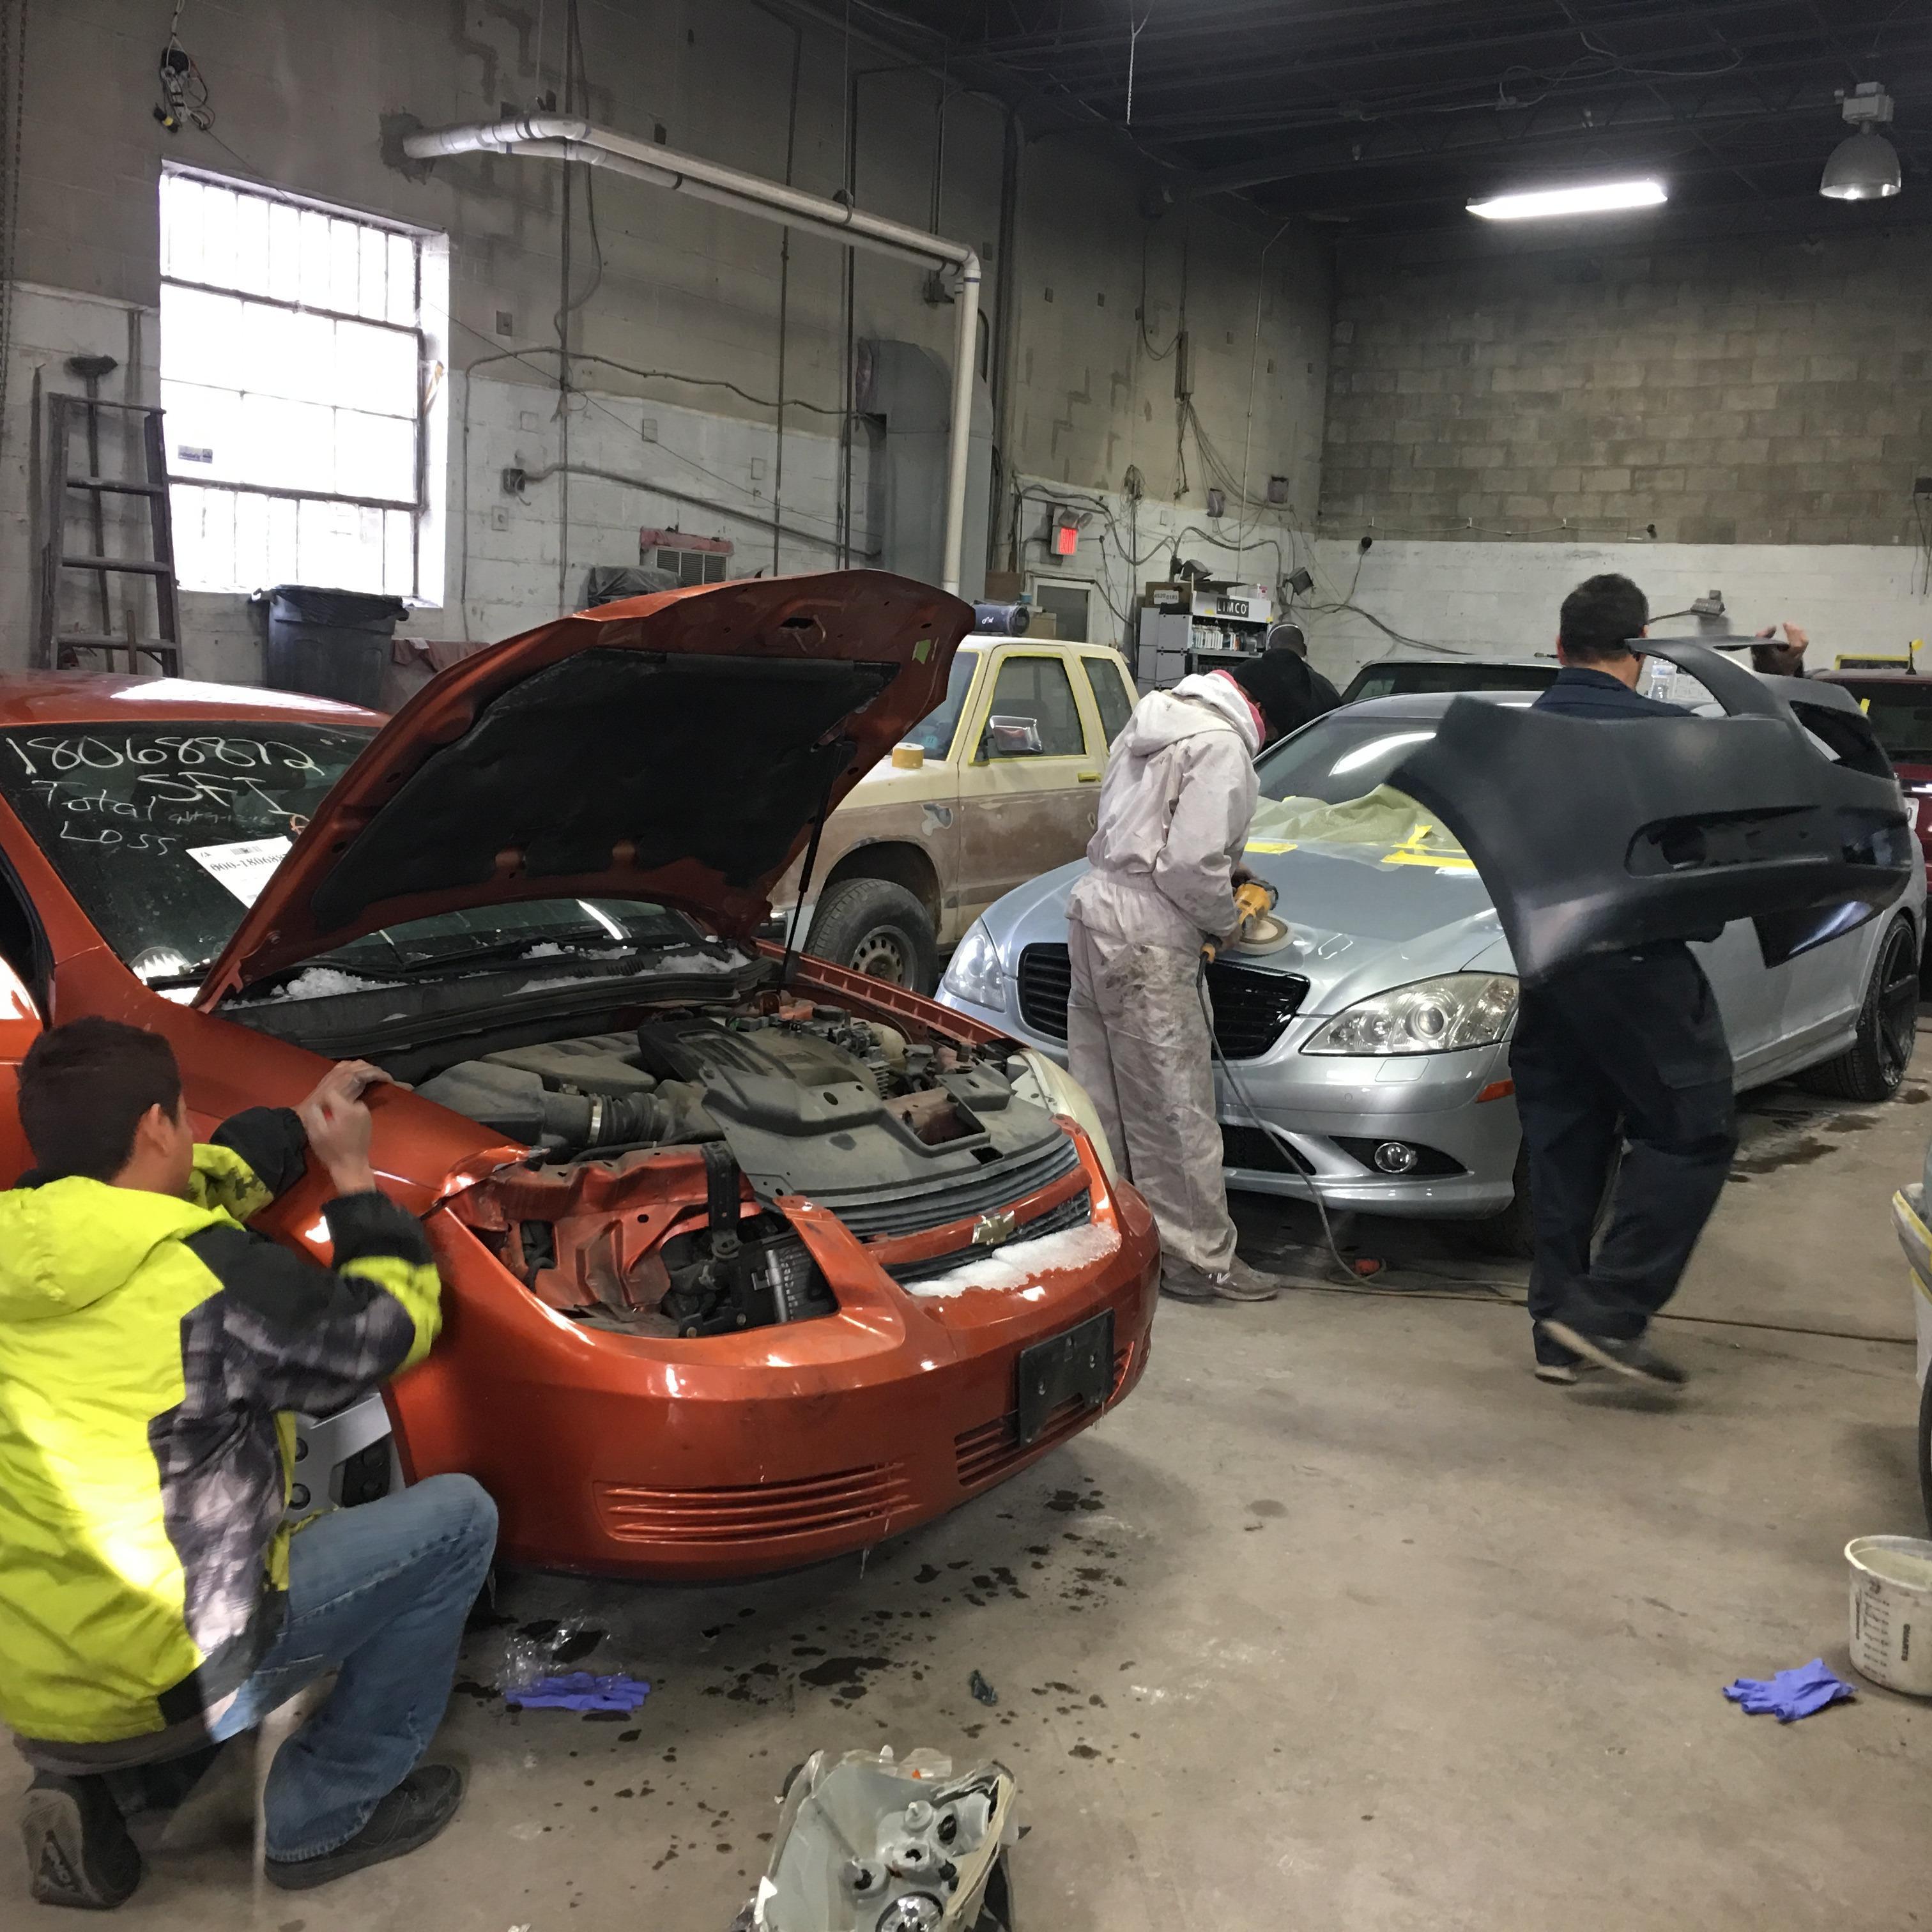 Galicia Auto Body & Multi Services LLC